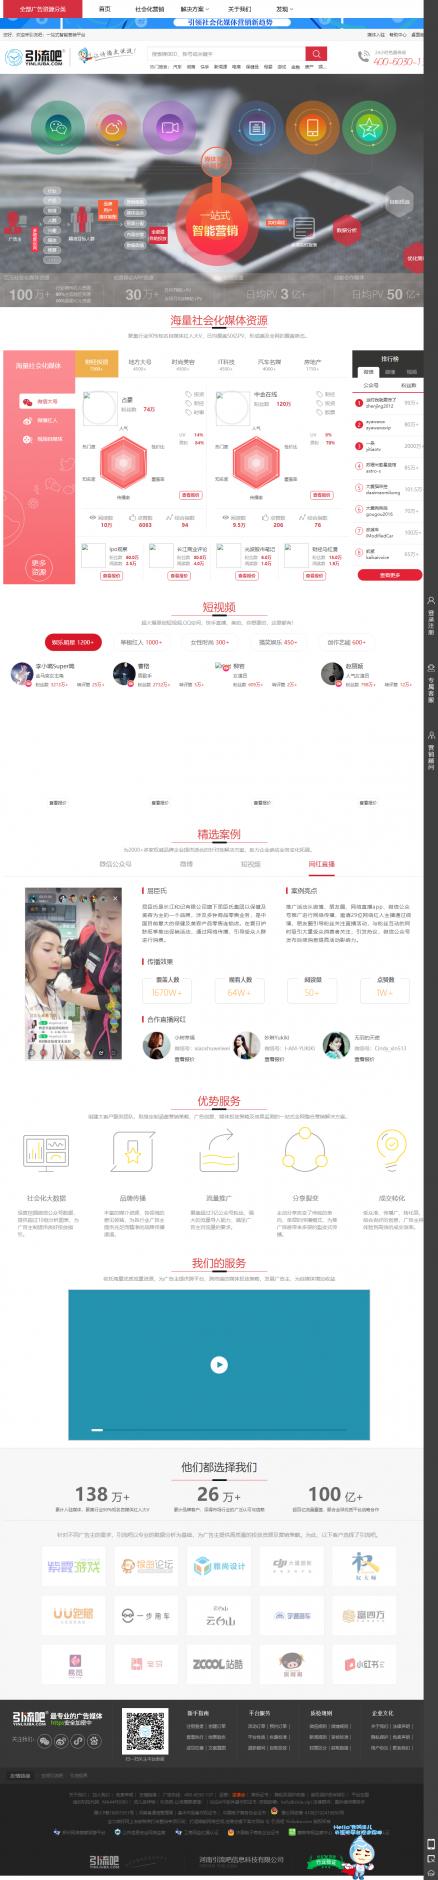 2018 最新微信粉丝交易平台程序网站源码